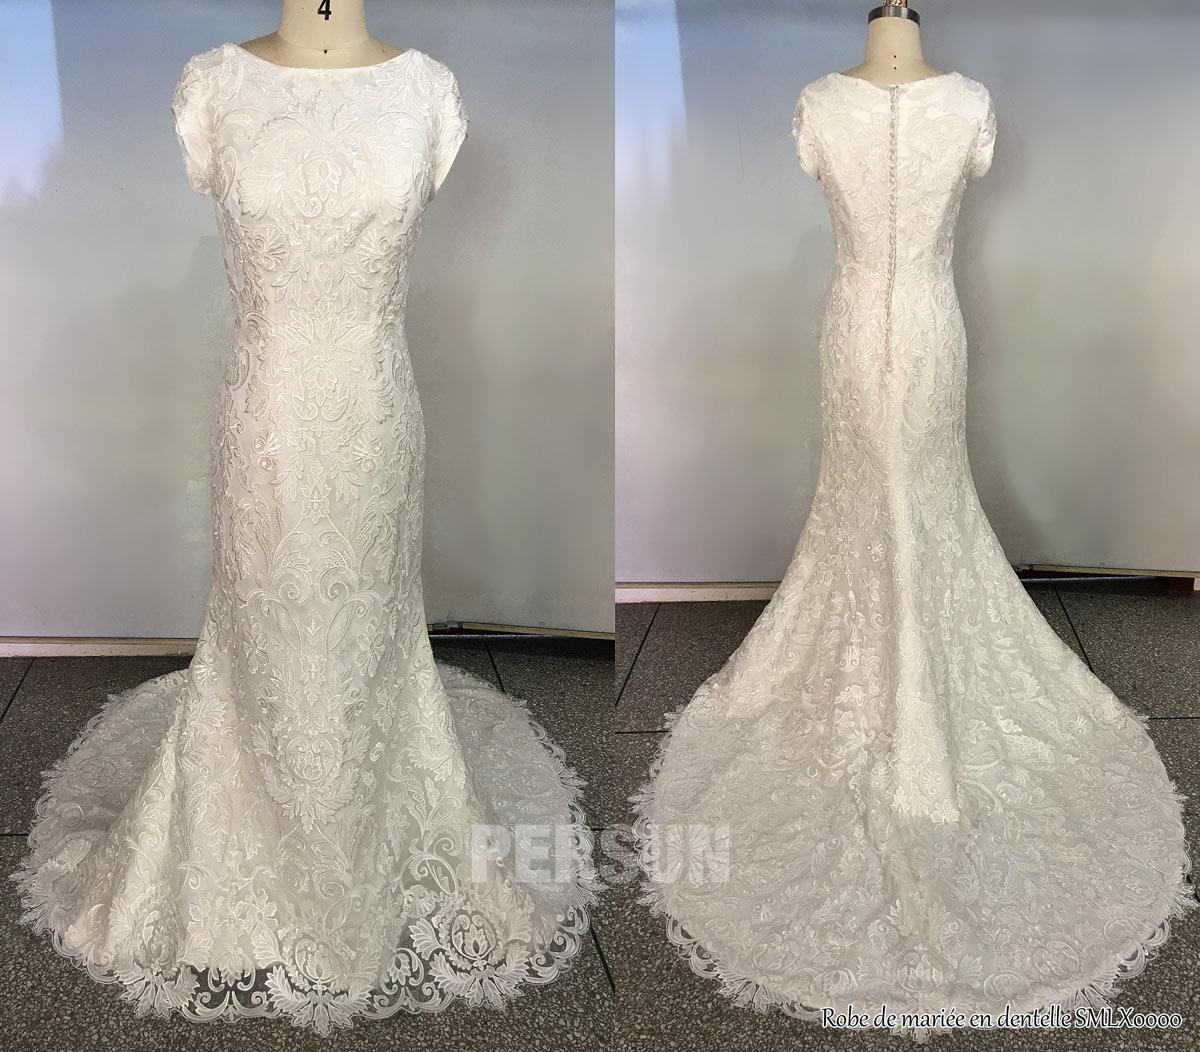 robe de mariée modeste 2020 en dentelle vintage dos fermé